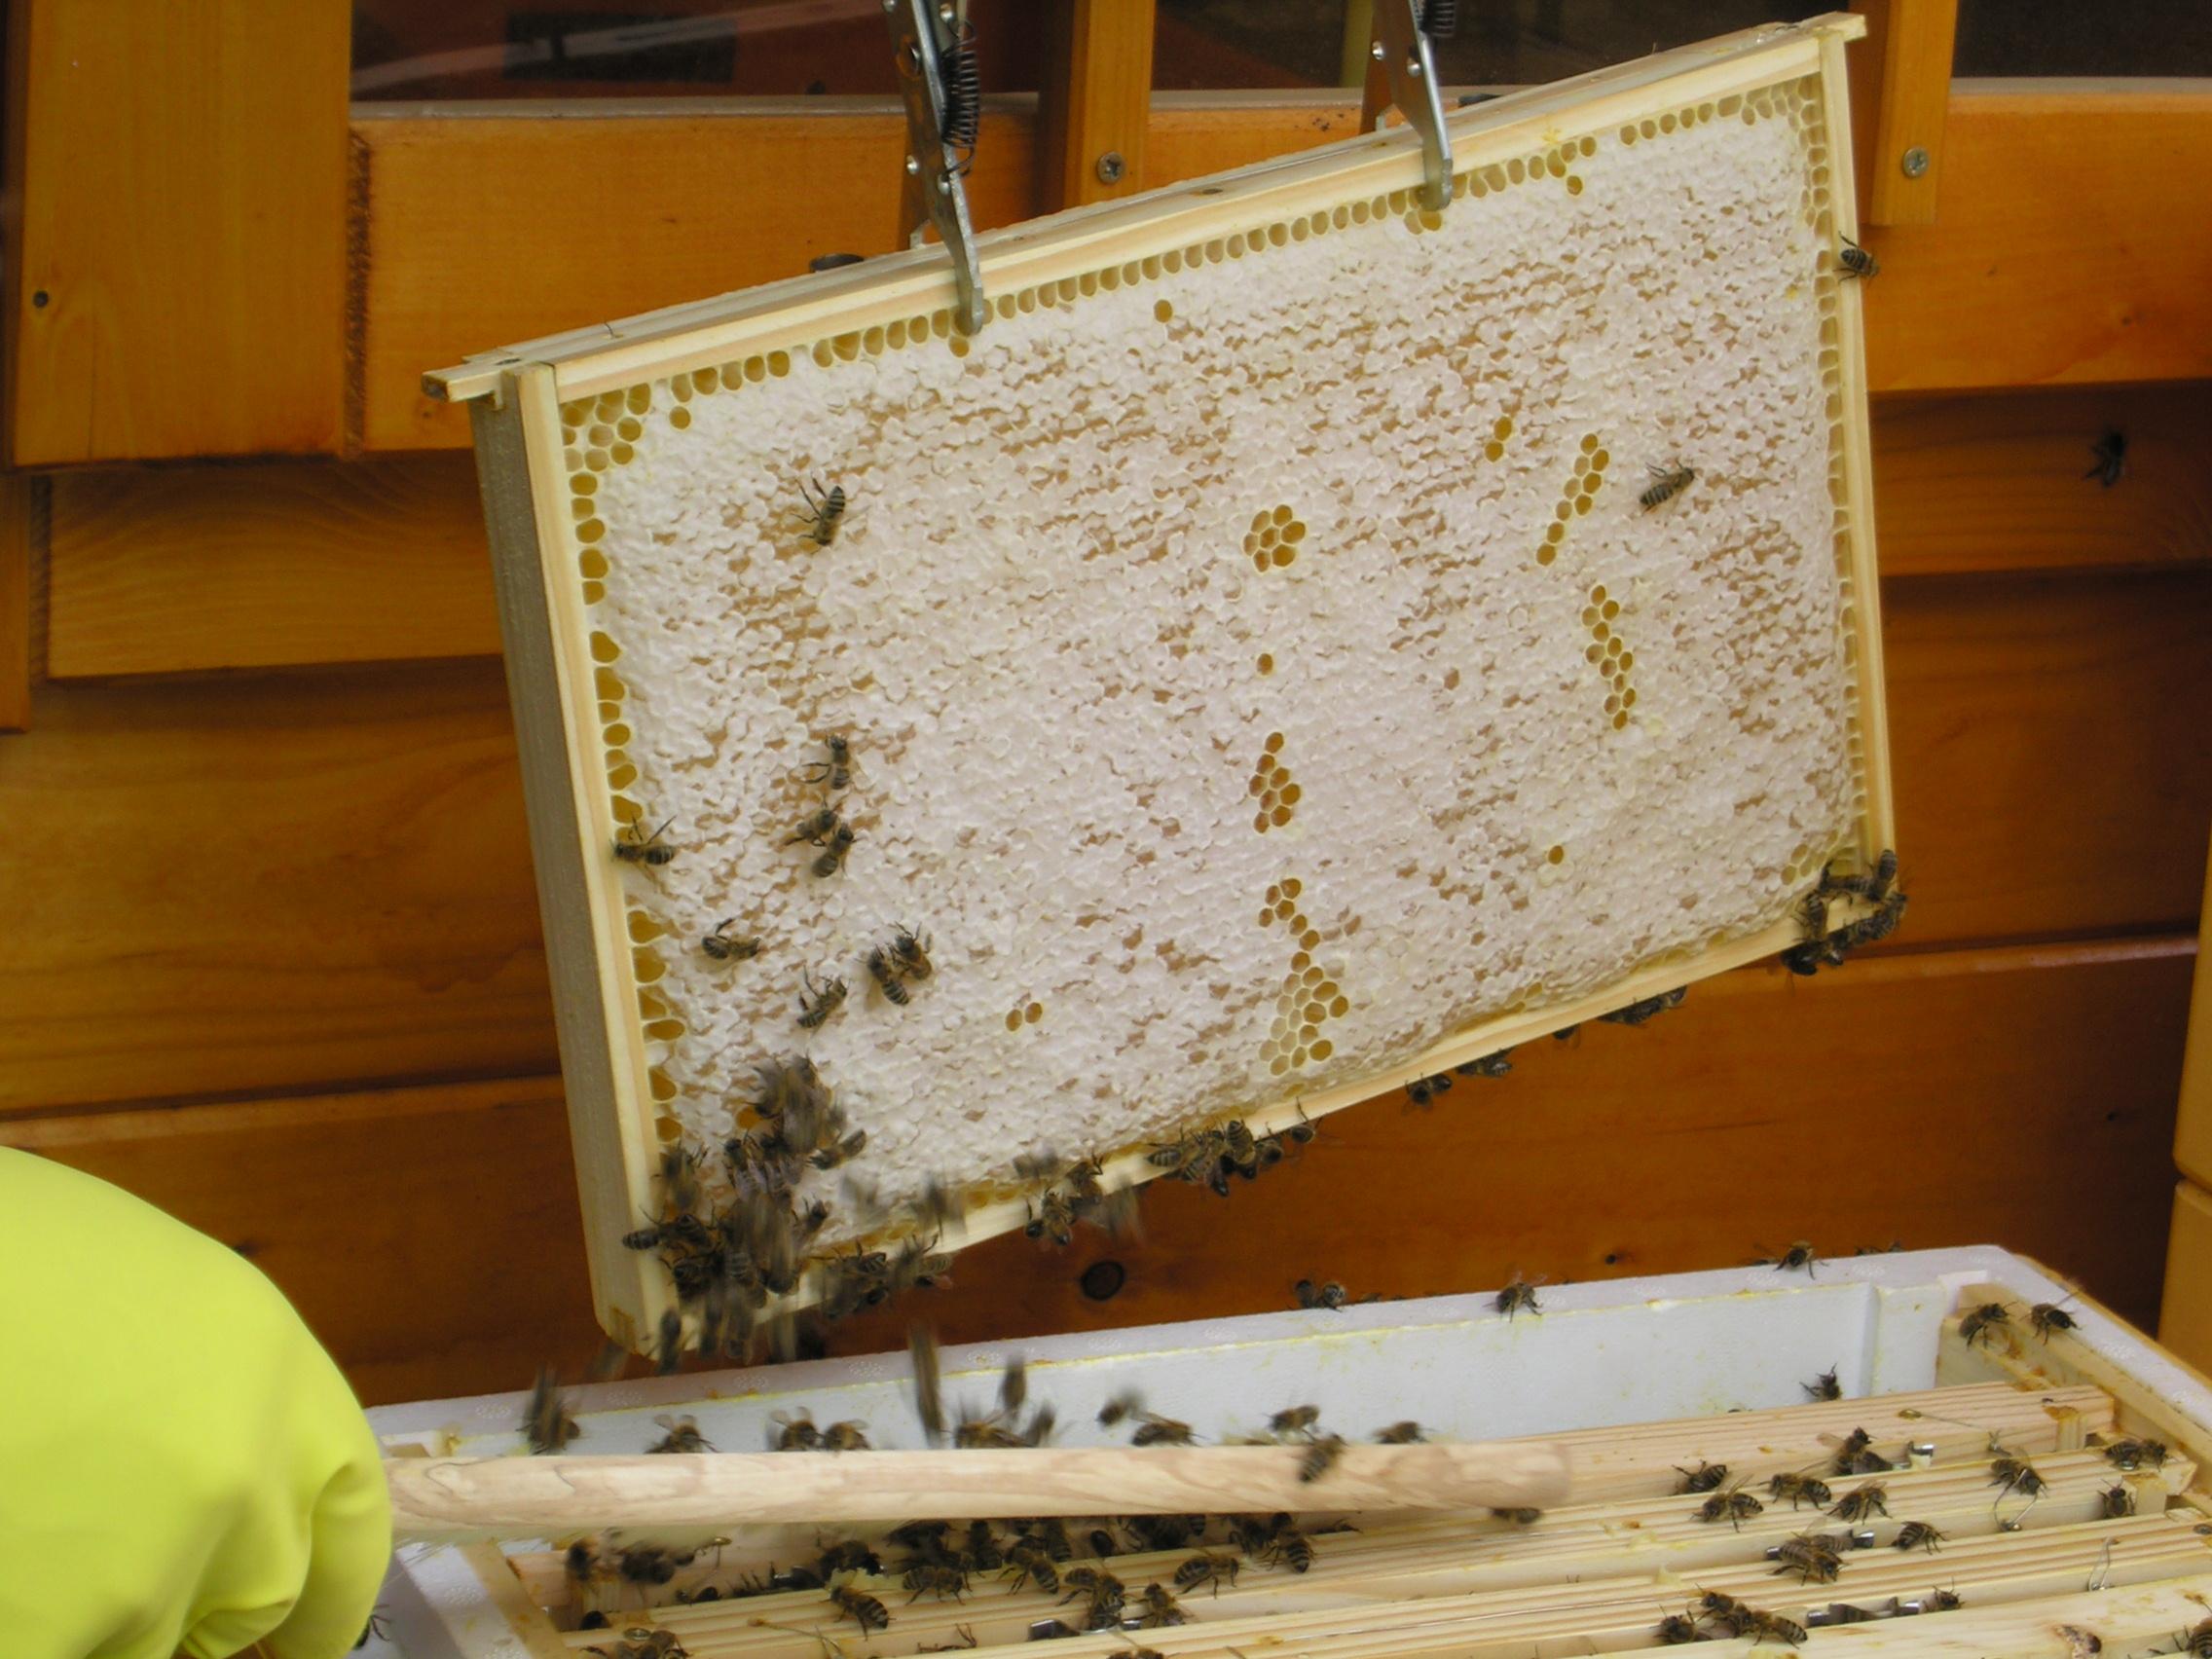 Eine volle Honigwabe wie diese enthält ca. 1,5 Kg Honig